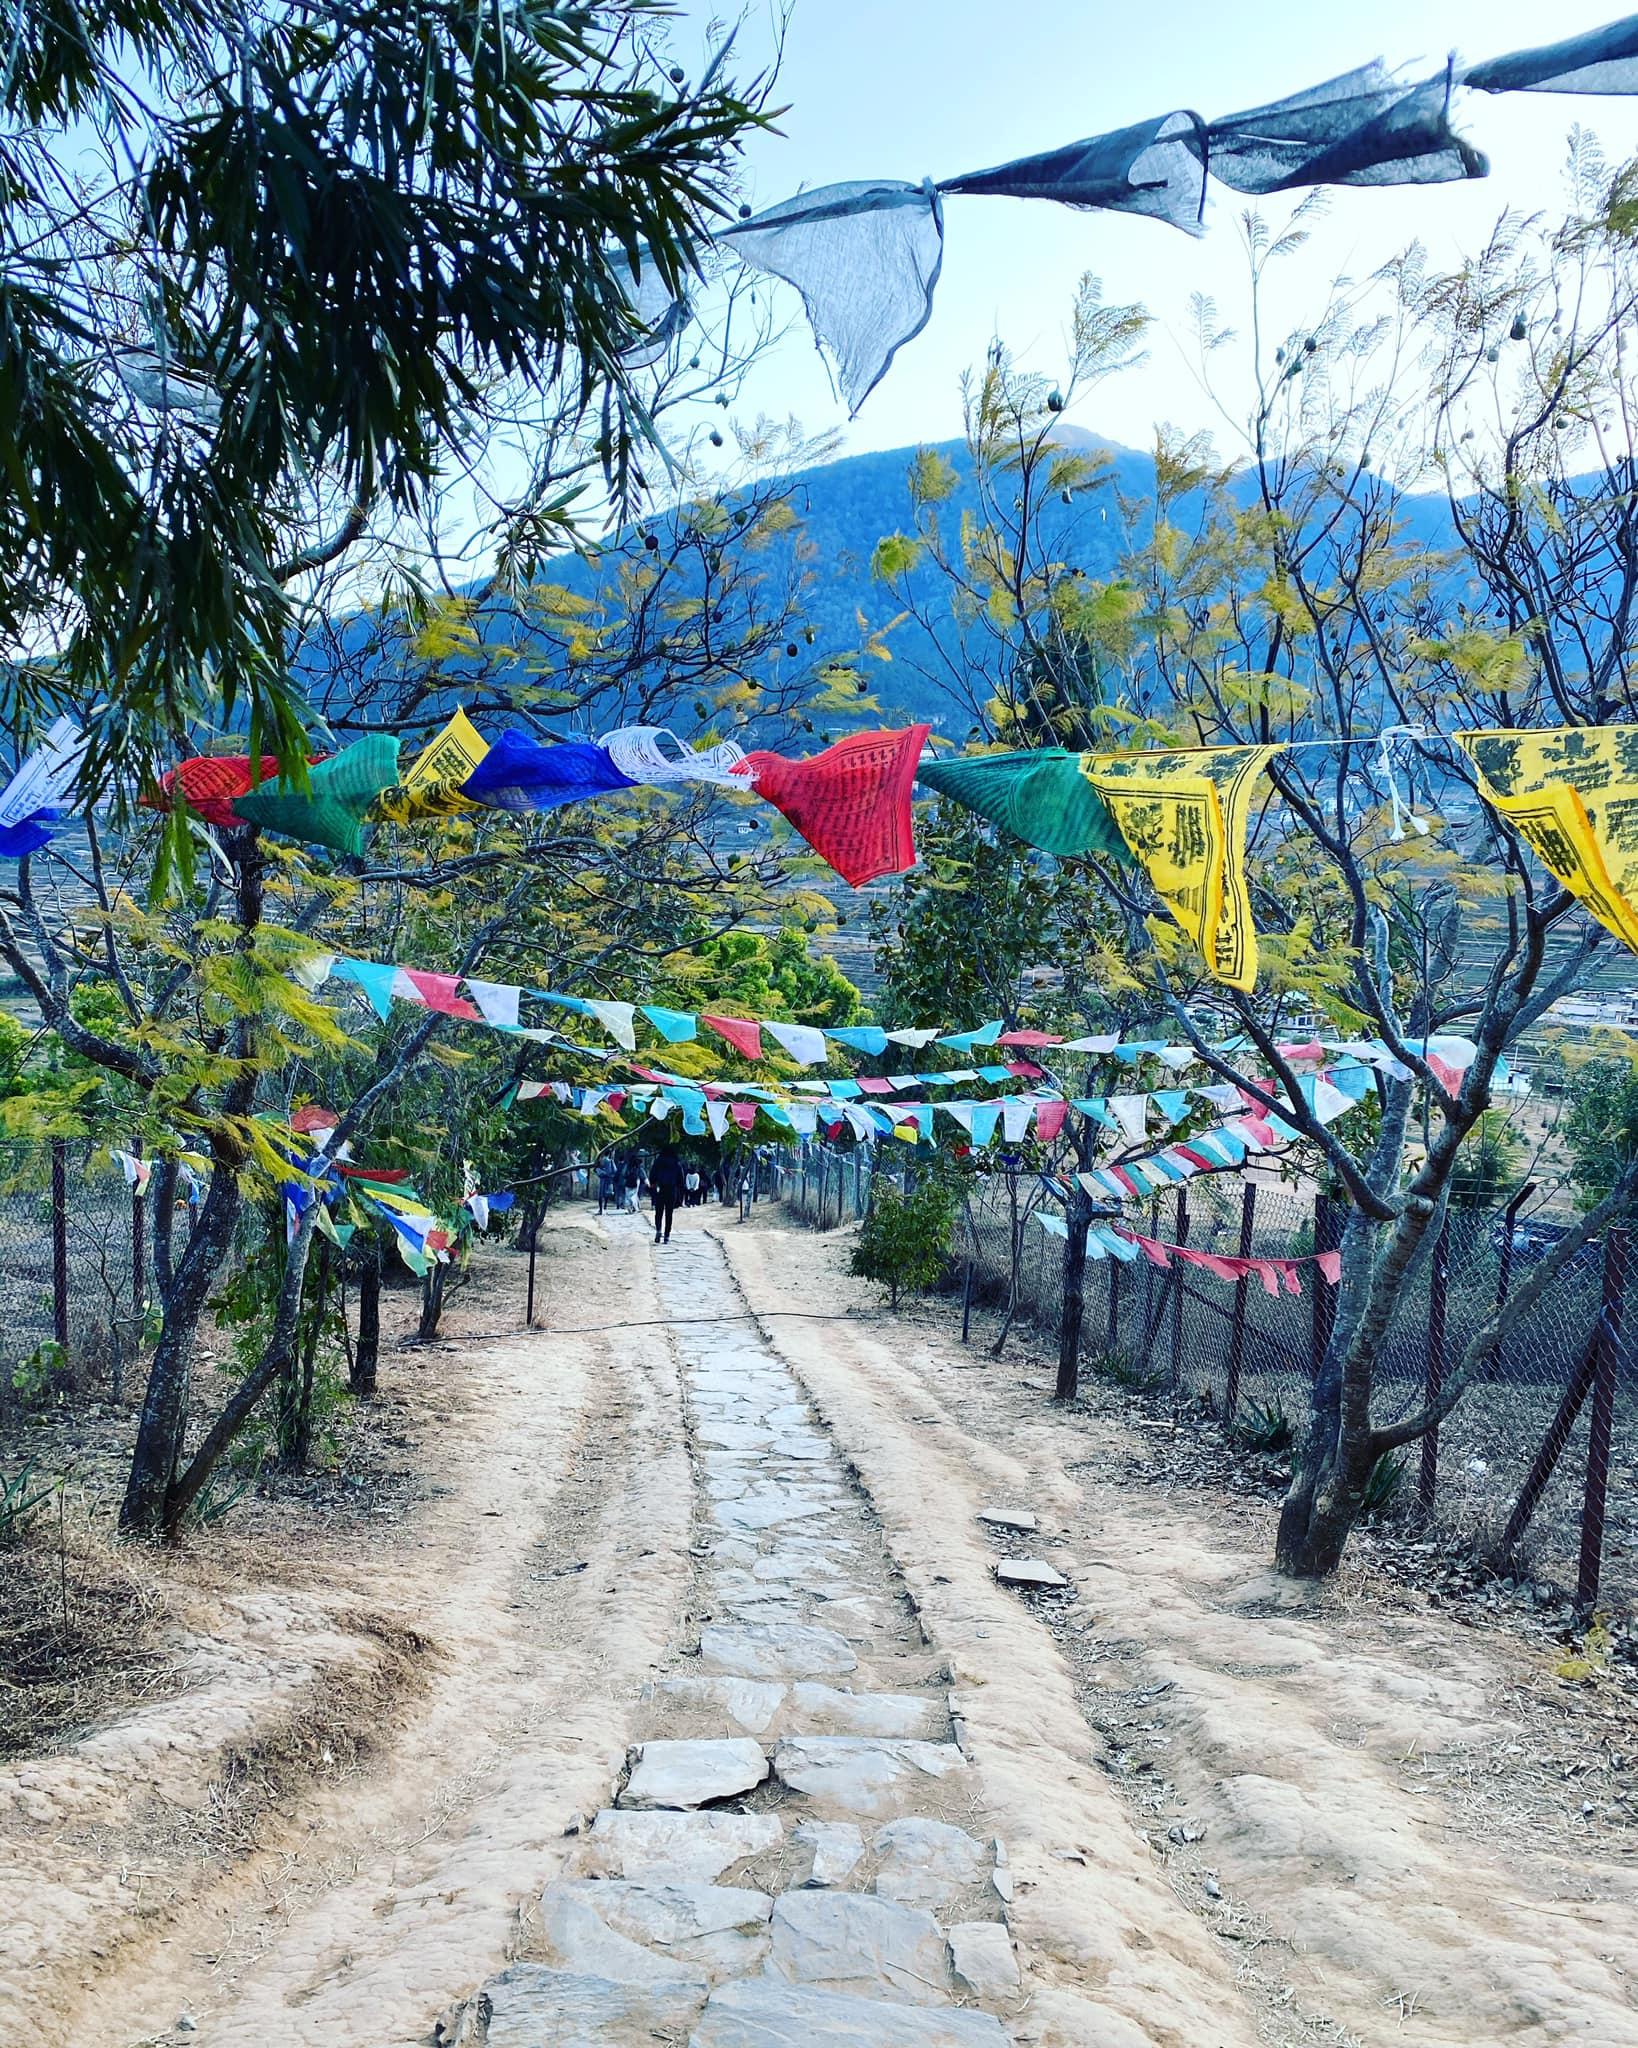 Stegulețele cu rugăciuni din Bhutan